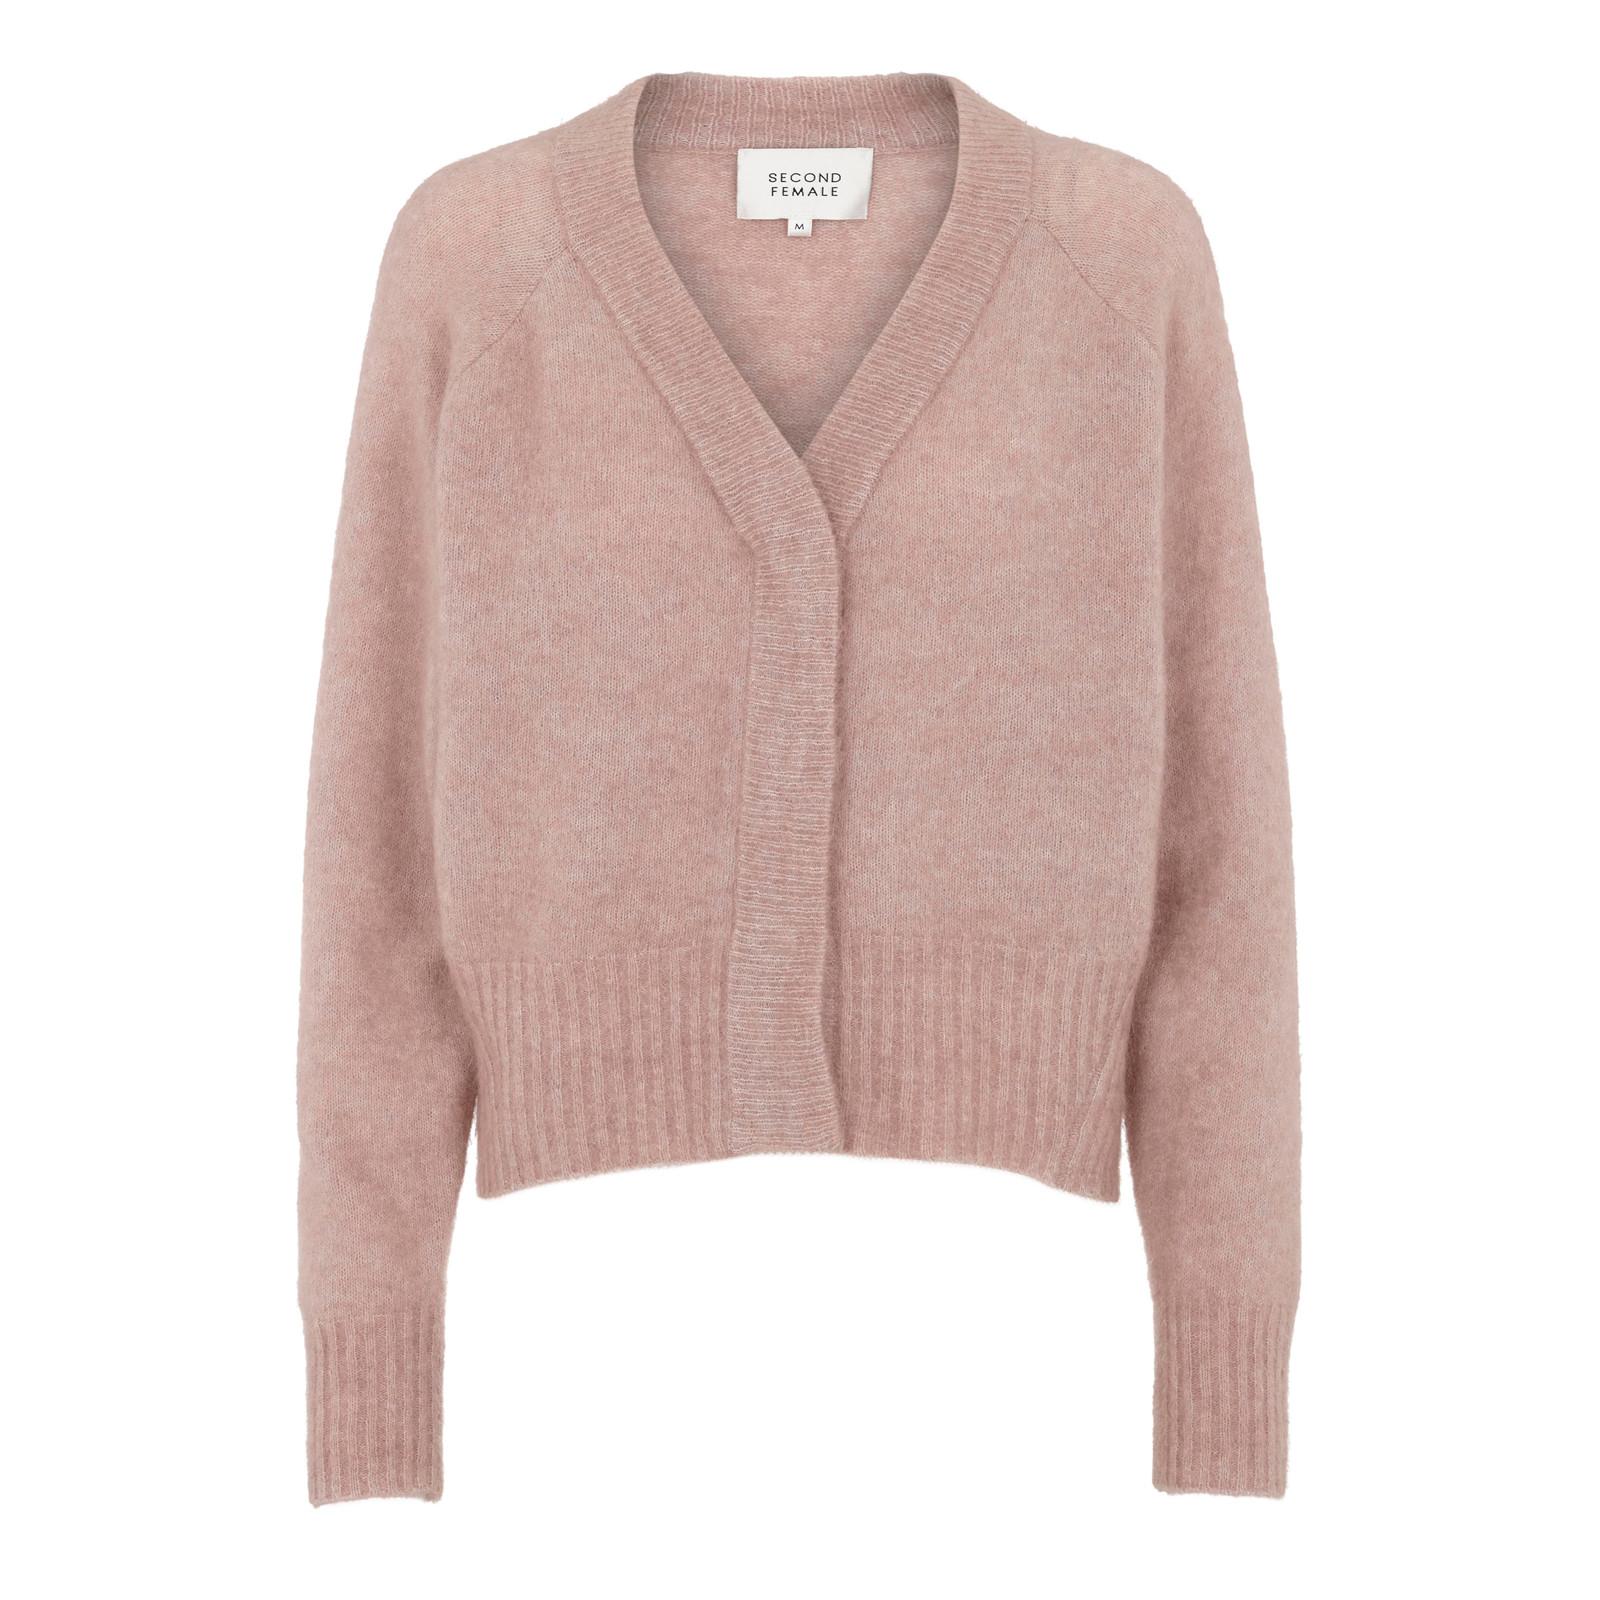 840c95daed5 Second Female | Shop modetøj til kvinder online - Hurtig levering